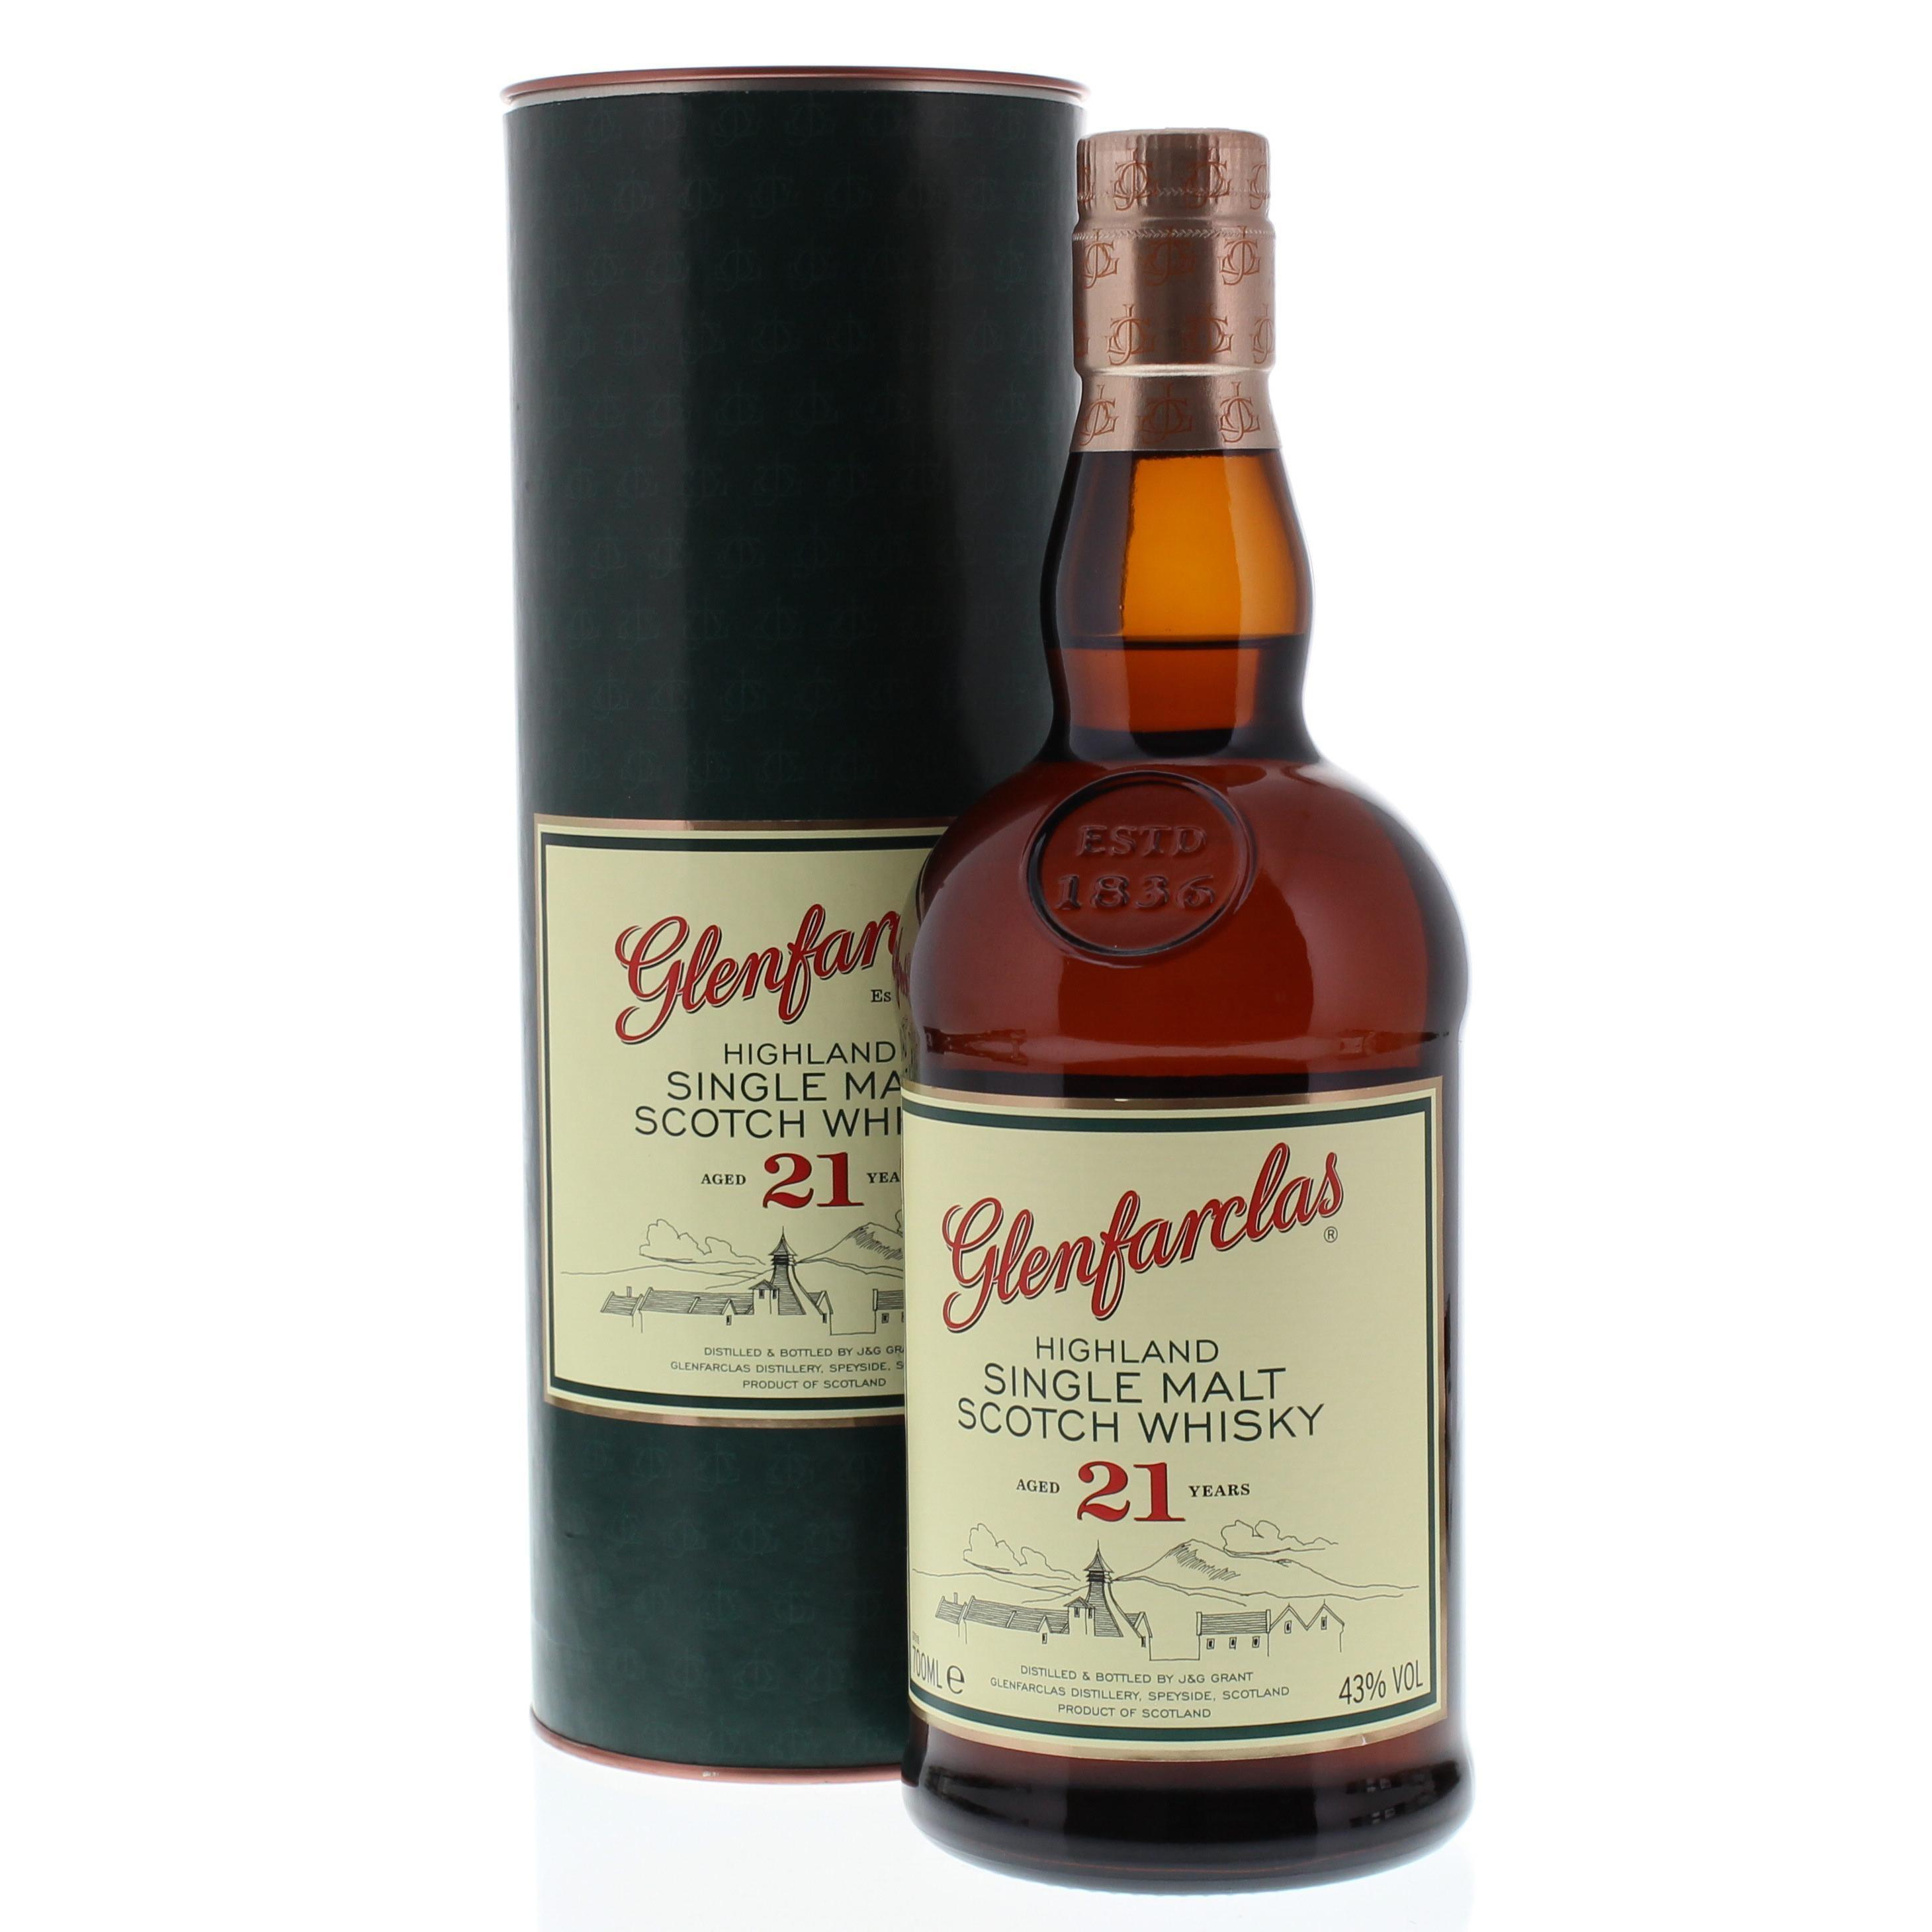 Glenfarclas Highland Single Malt Scotch Whisky 21 Jahre 0,7l